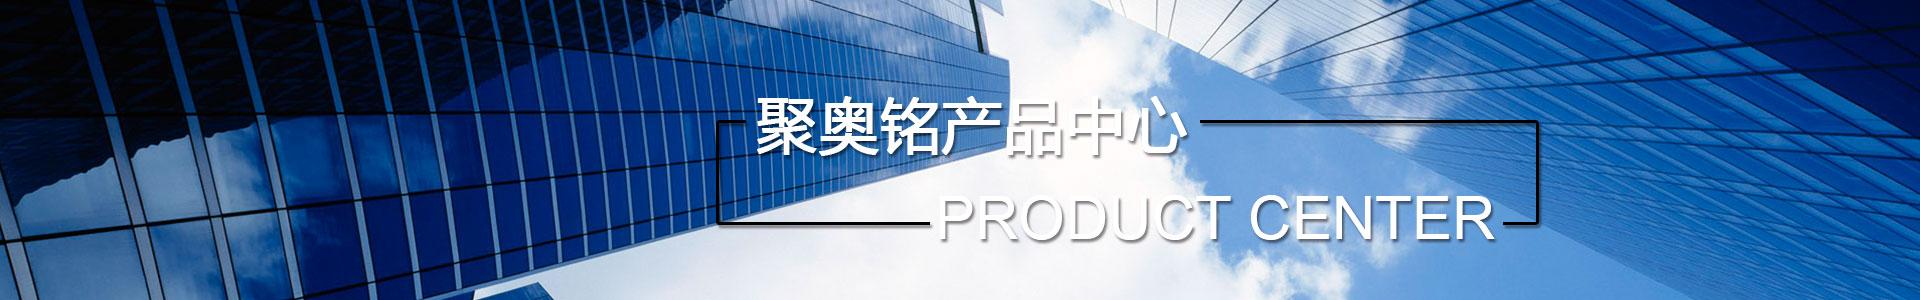 湖北丁基胶带厂家_产品展示